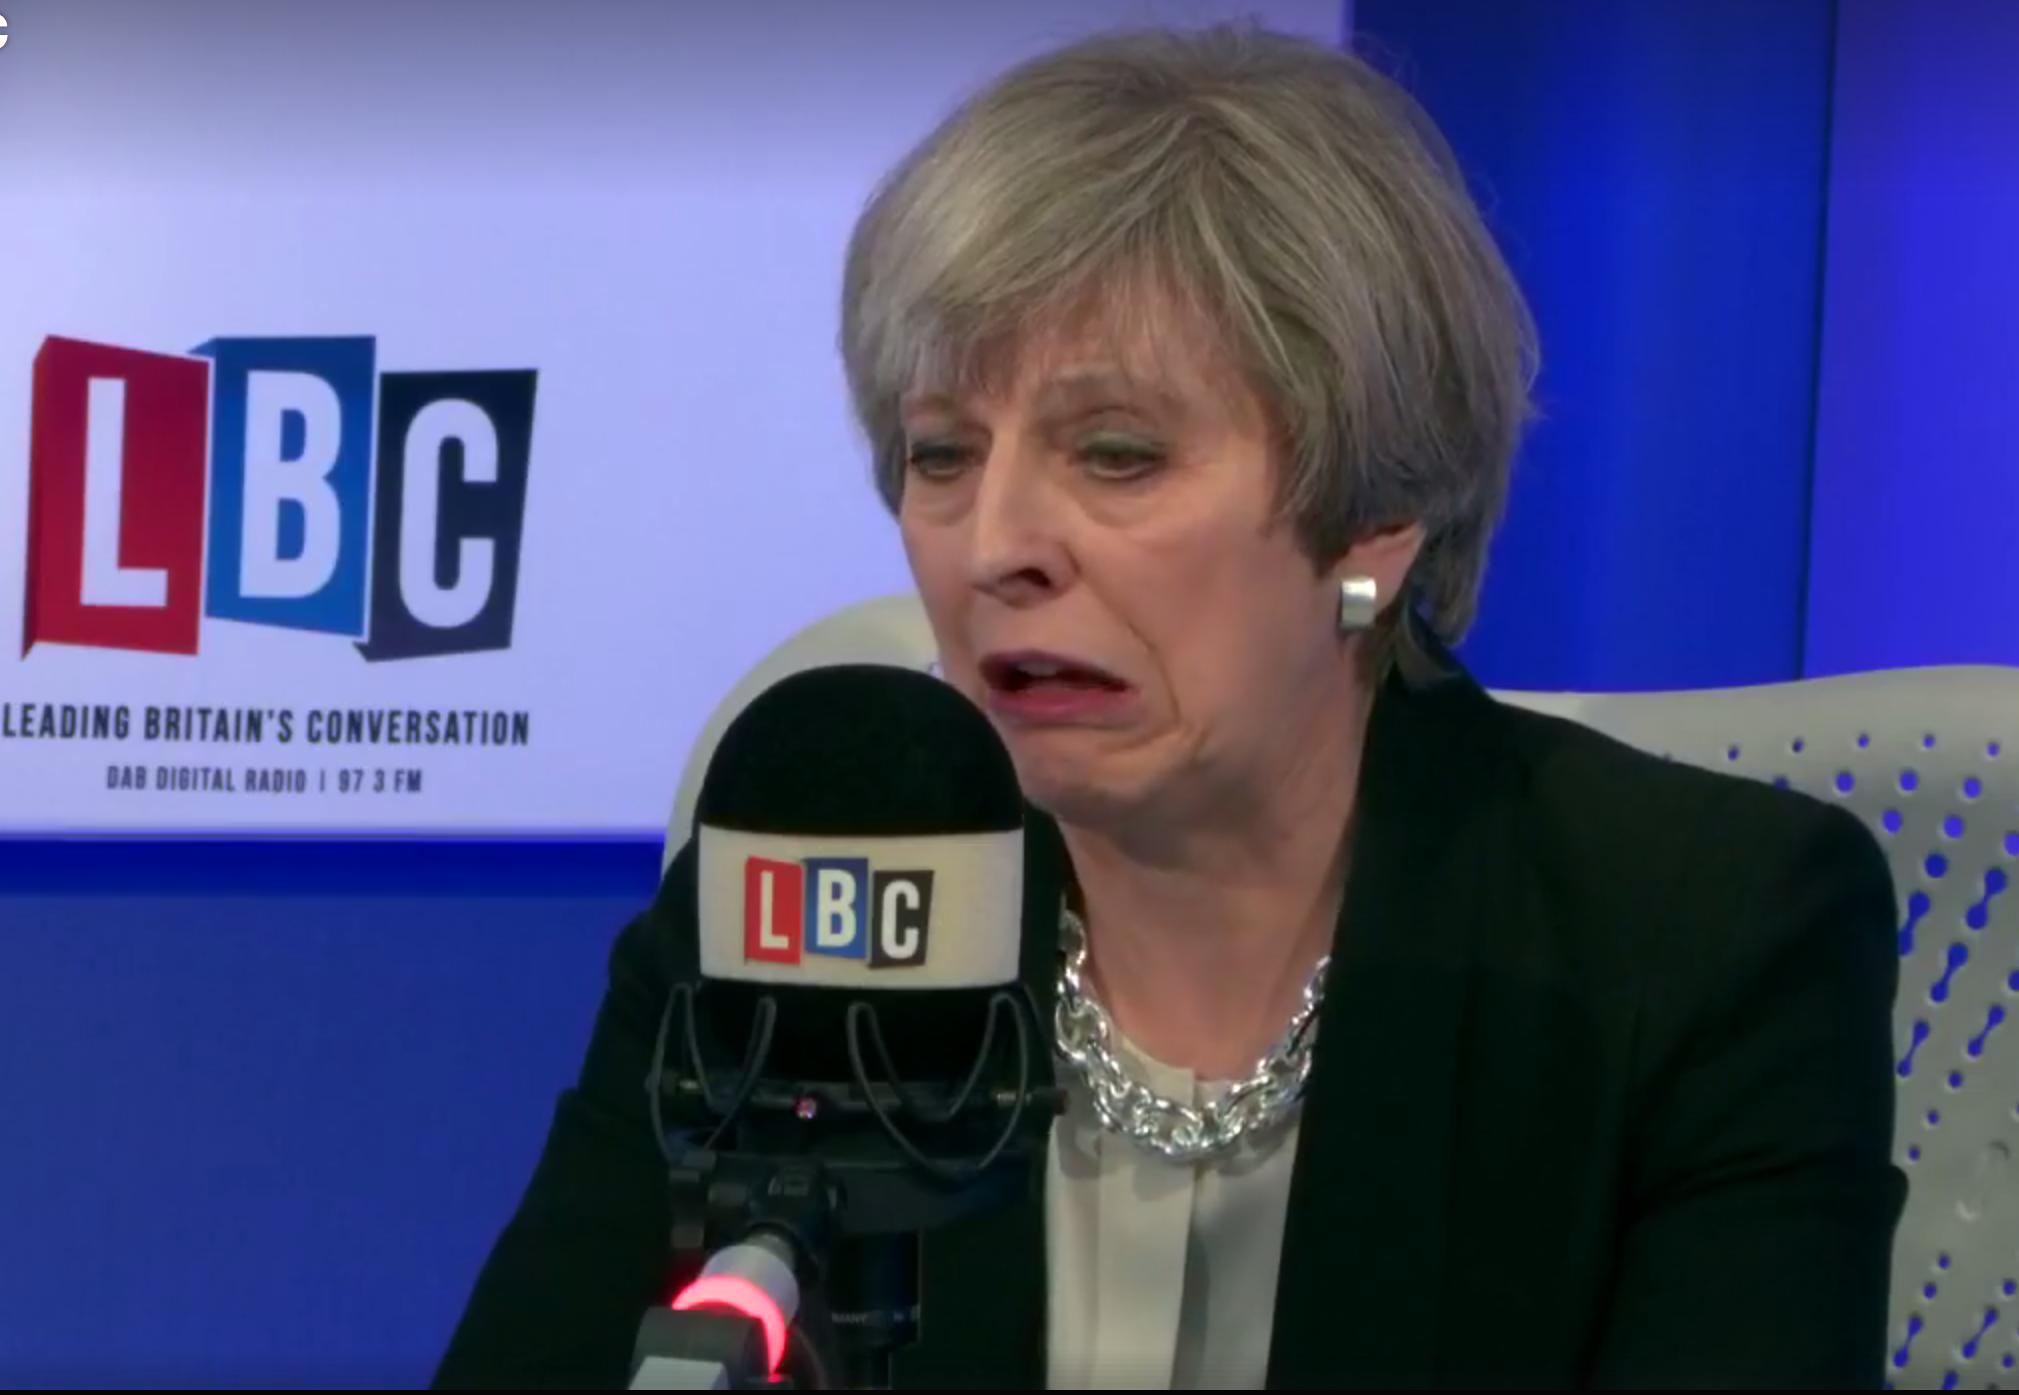 Theresa May LBC Interview 11th May 2017